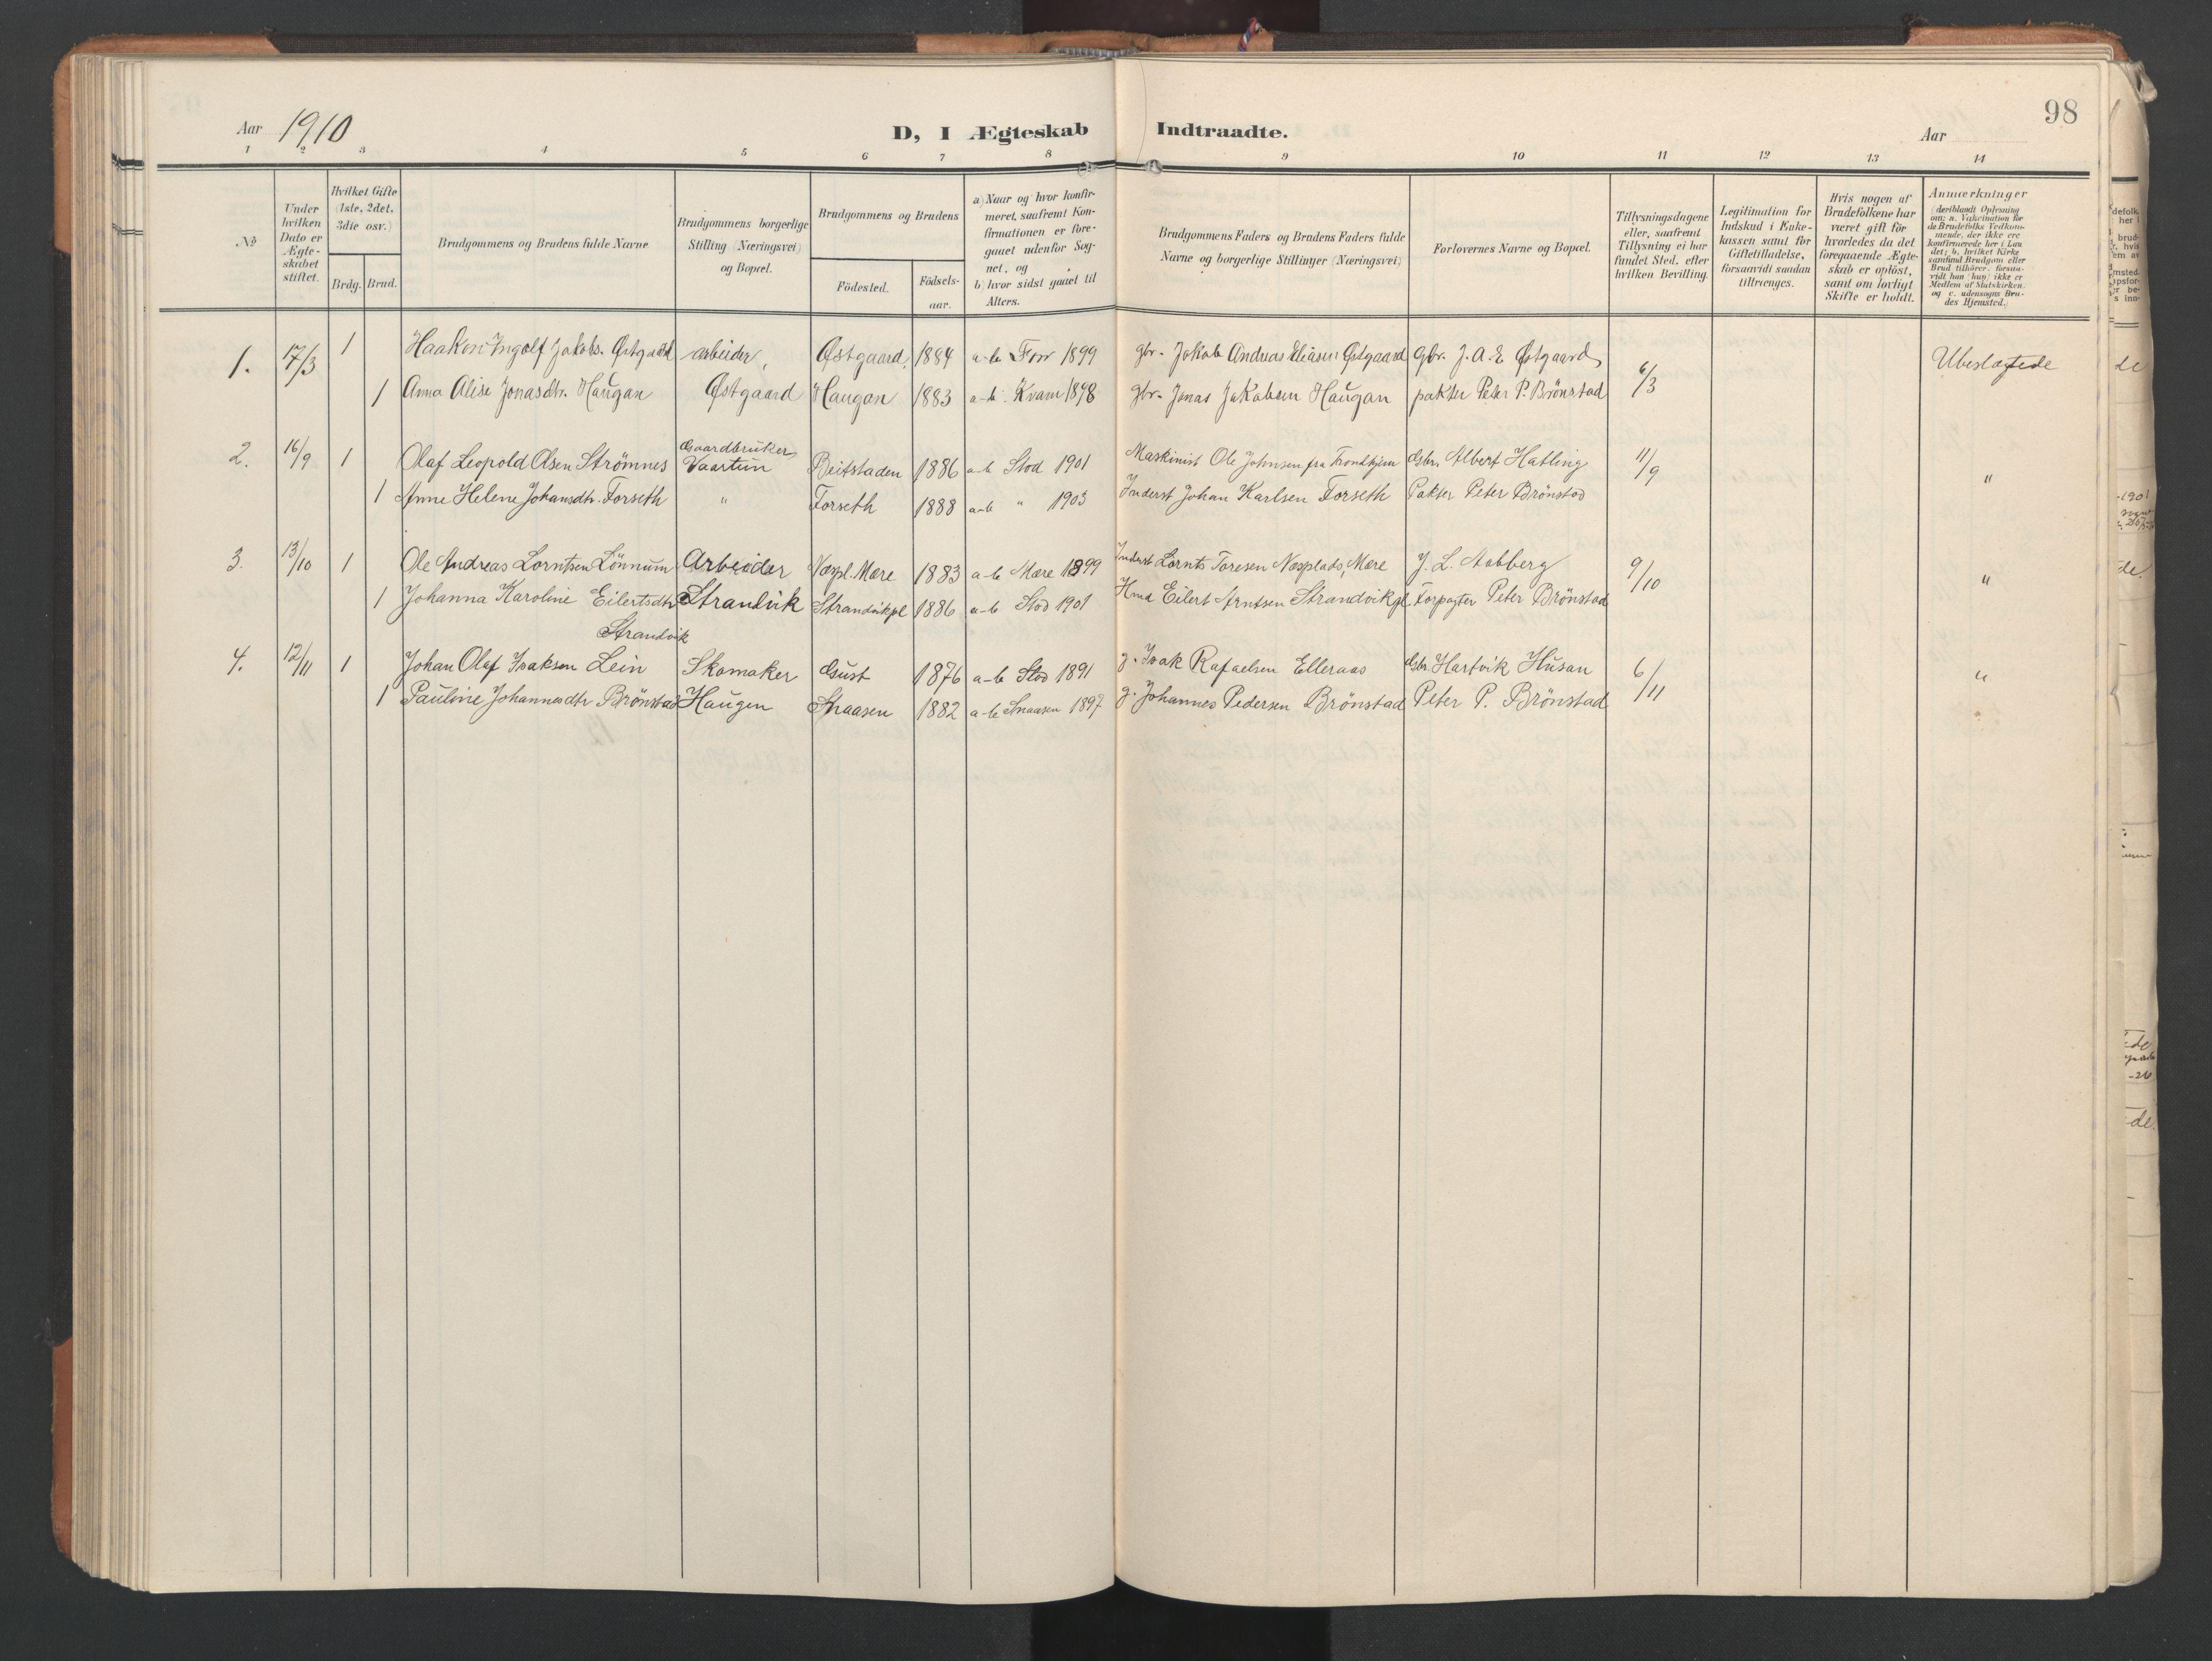 SAT, Ministerialprotokoller, klokkerbøker og fødselsregistre - Nord-Trøndelag, 746/L0455: Klokkerbok nr. 746C01, 1908-1933, s. 98